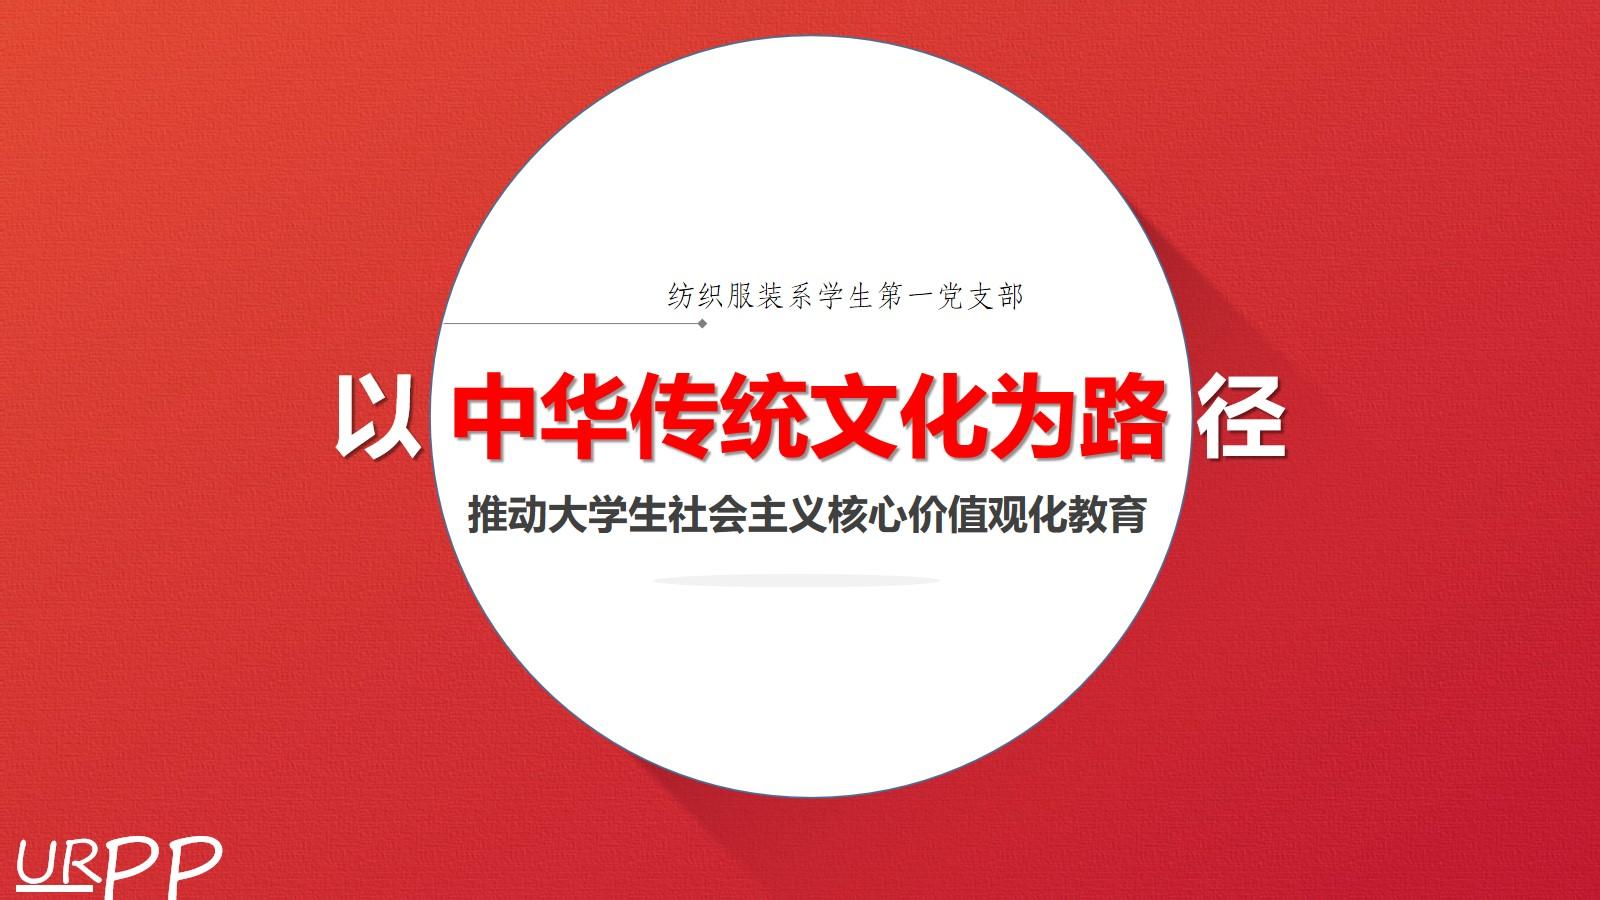 党政主题喜庆红论文答辩ppt模板(完整版)